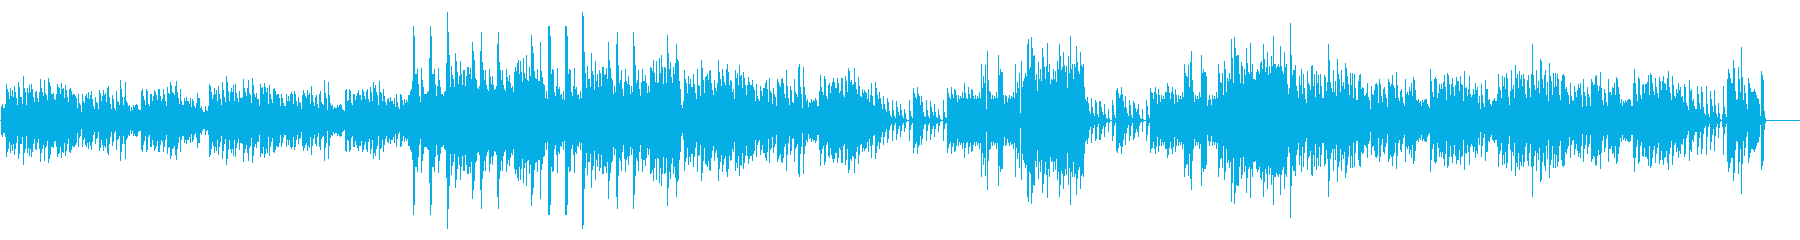 これは軽快で催眠的な抽象ラグです。...の再生済みの波形